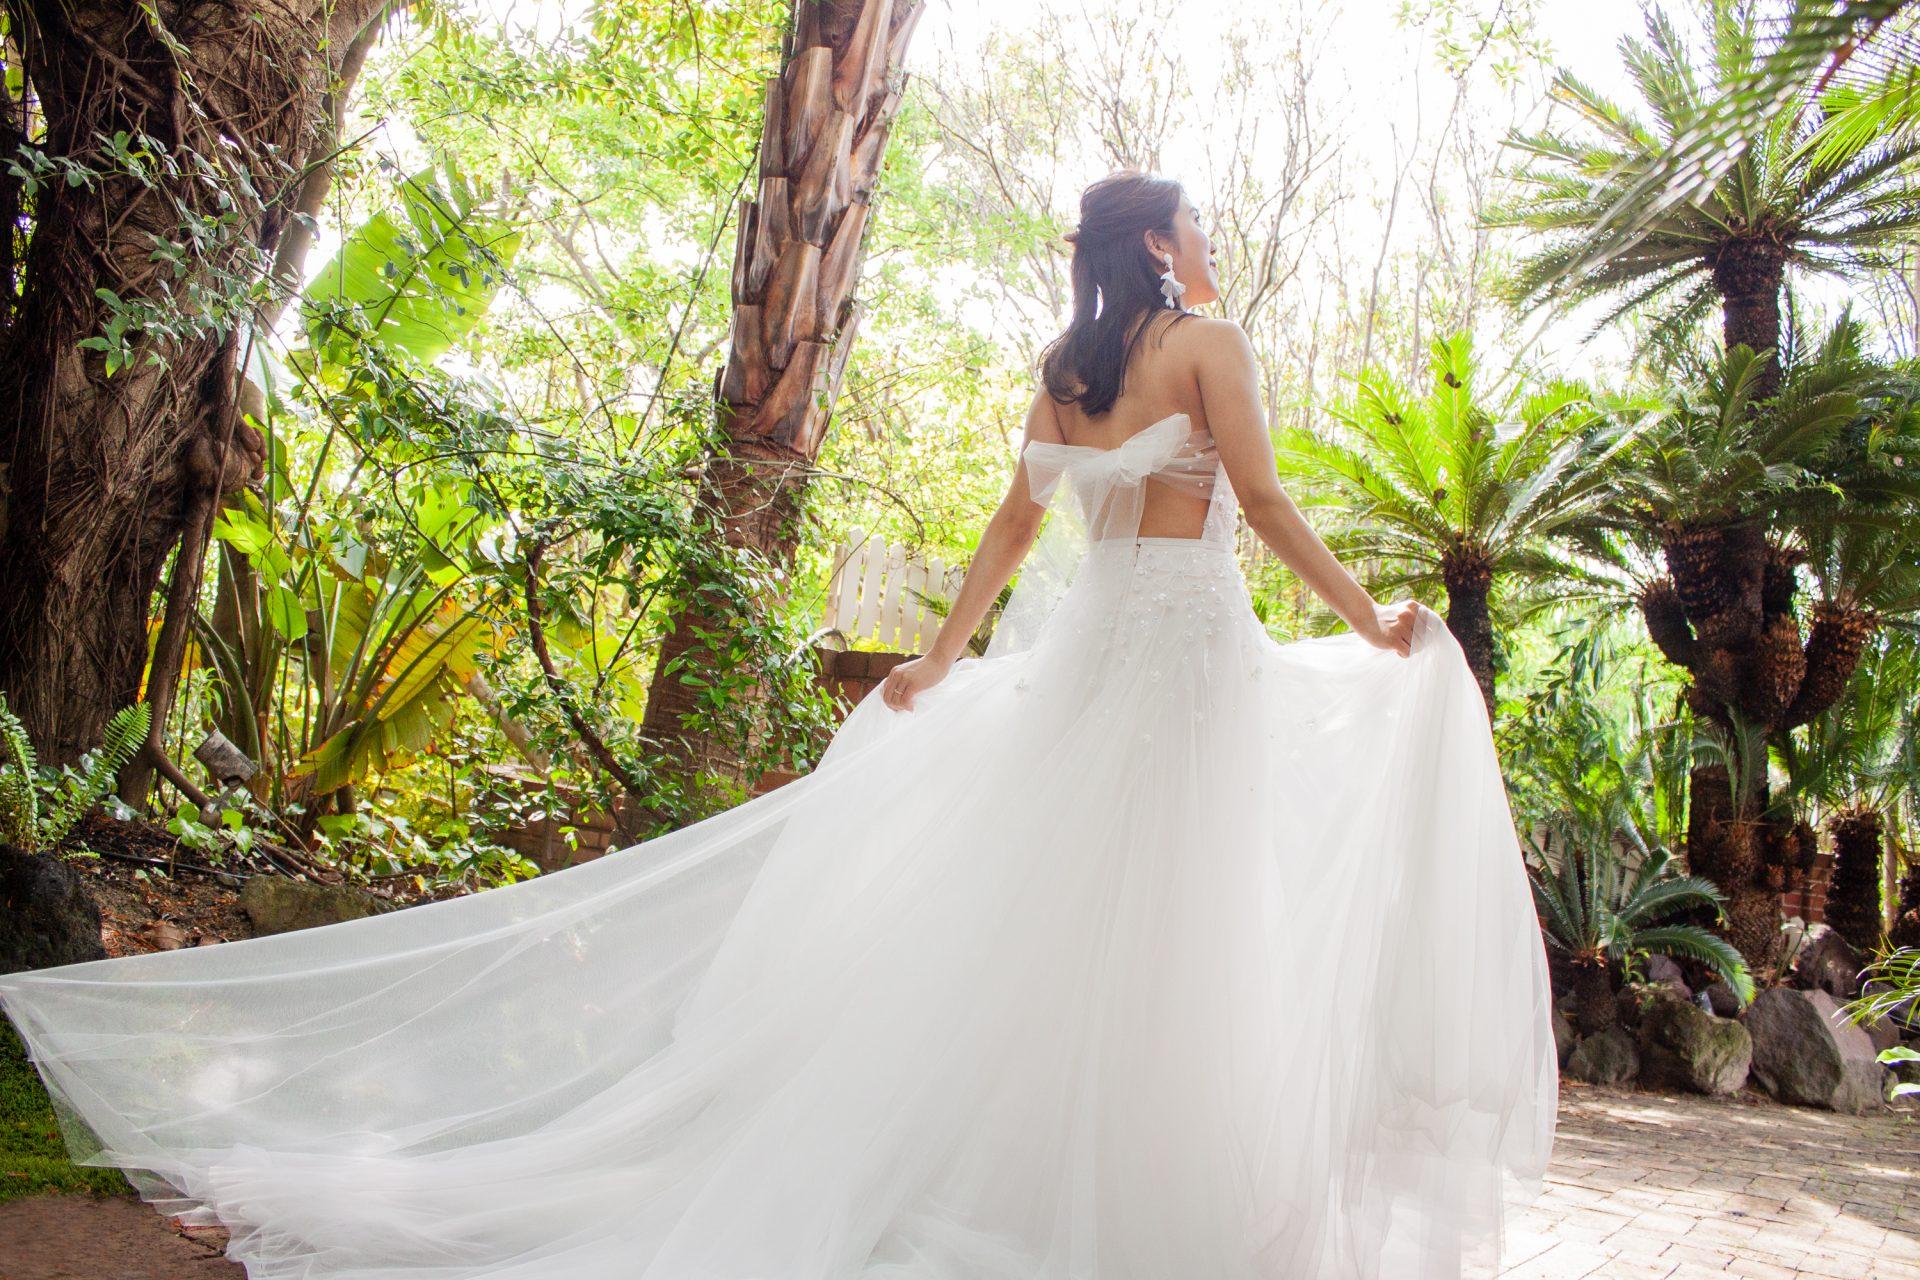 ザ・ルイガンズのガーデンウェディングでチュールが繊細で、バックリボンが大人かわいいザ・トリート・ドレッシングの新作レンタルウェディングドレス